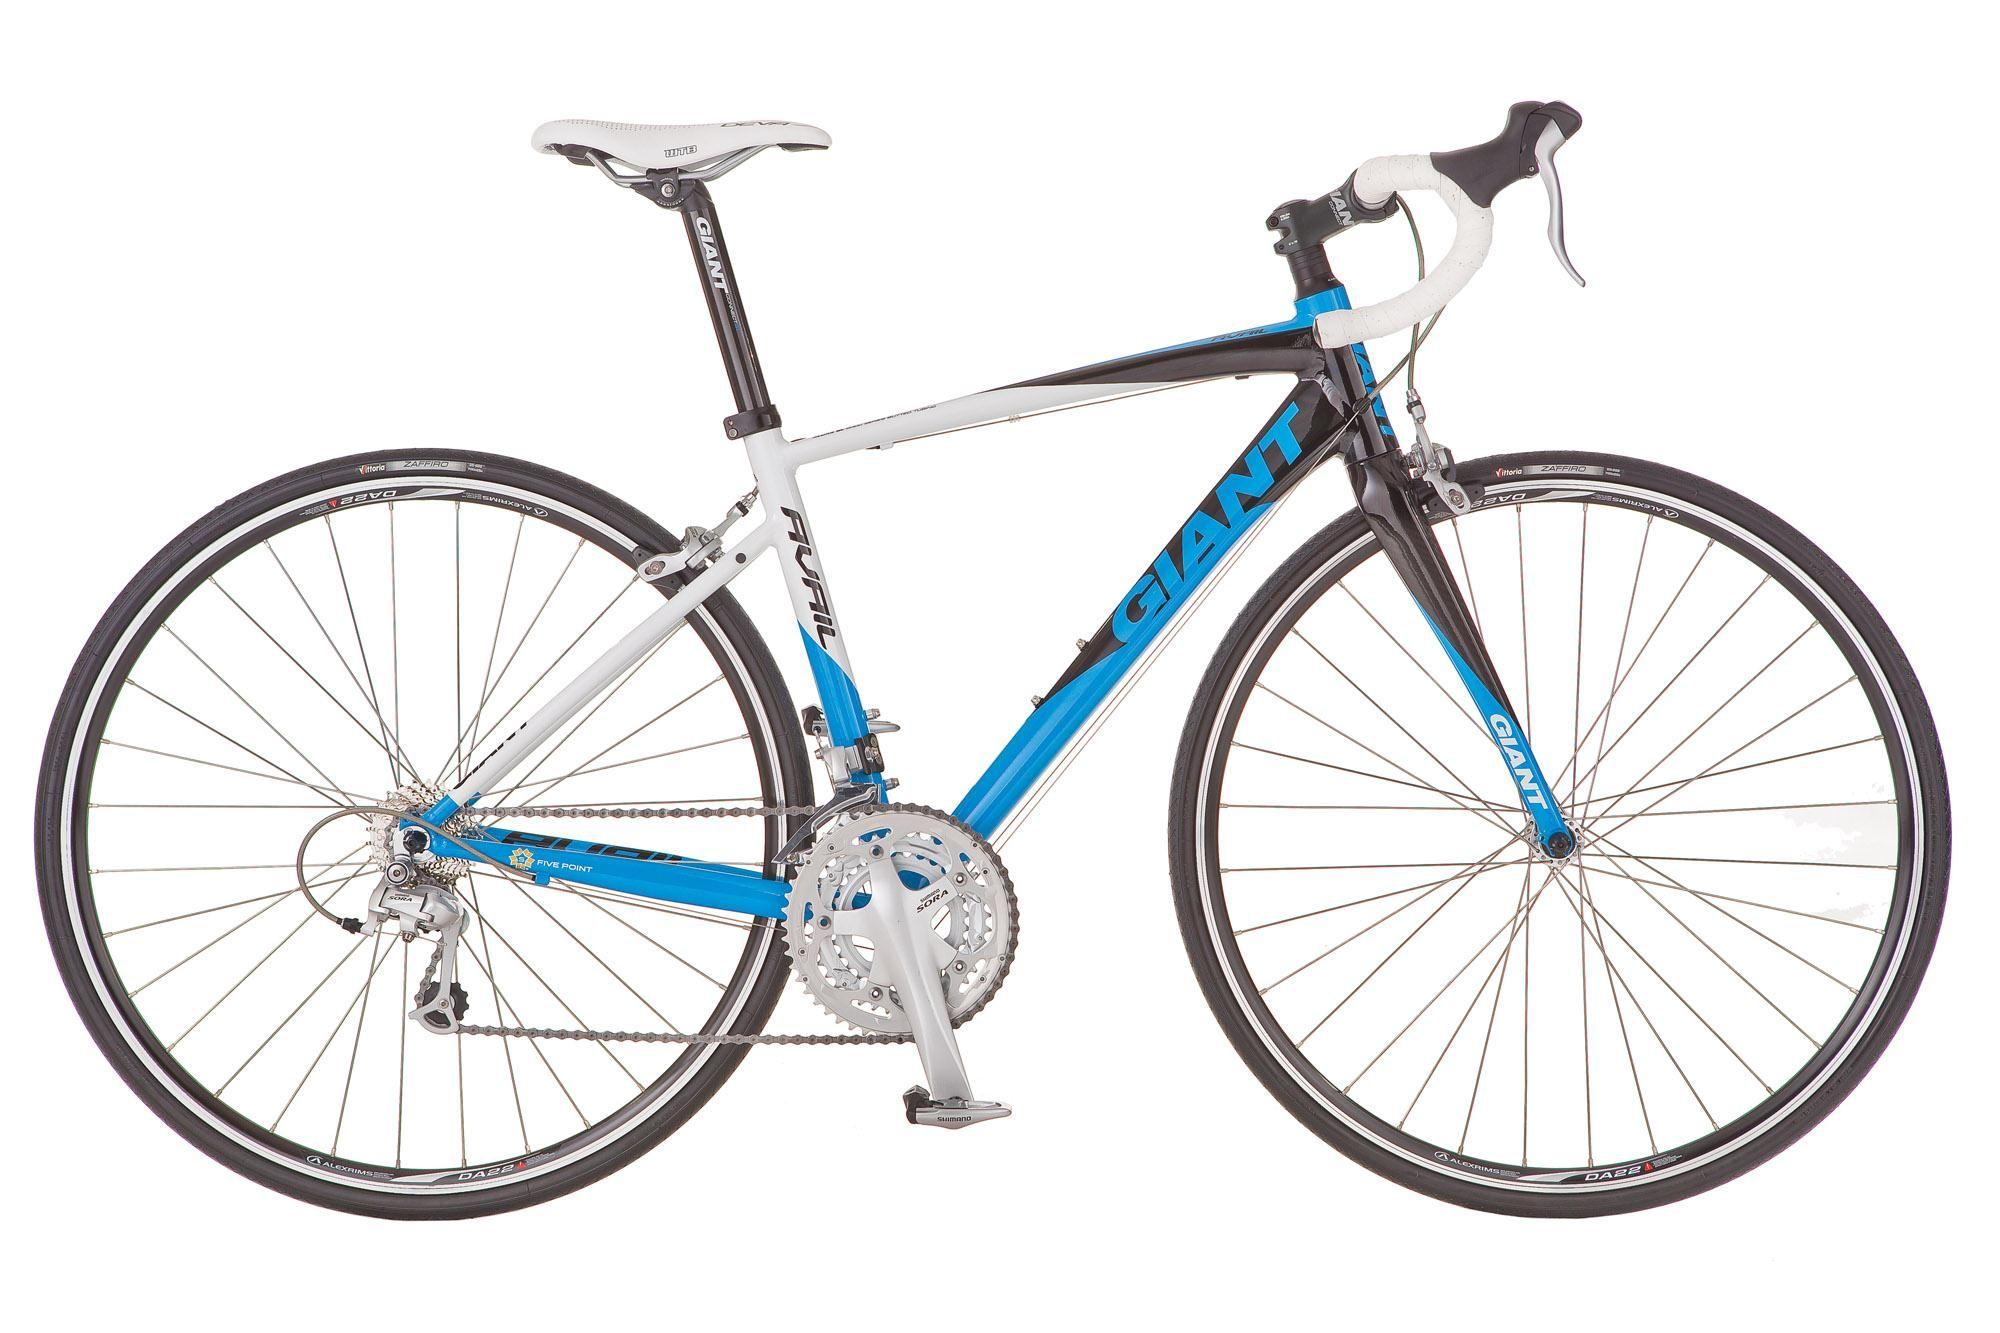 Avail Black White Blue 2010 Bikes Giant Bicycles Australia Bici